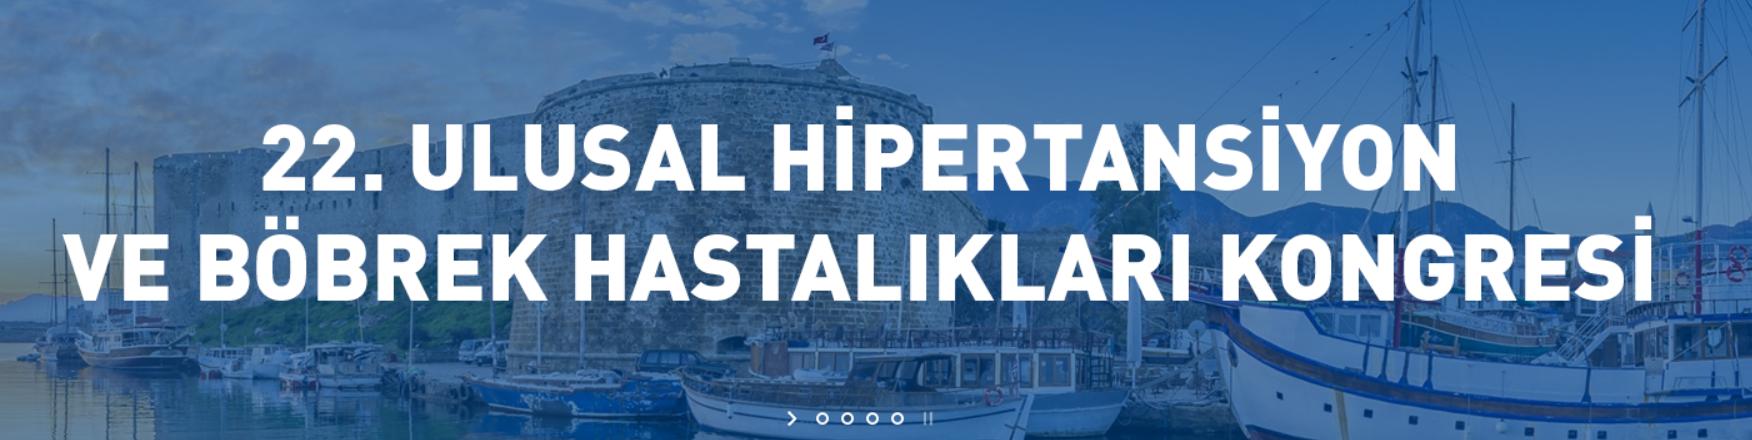 (VIRTUAL) 22. Ulusal Hipertansiyon ve Böbrek Hastalıkları Kongresi